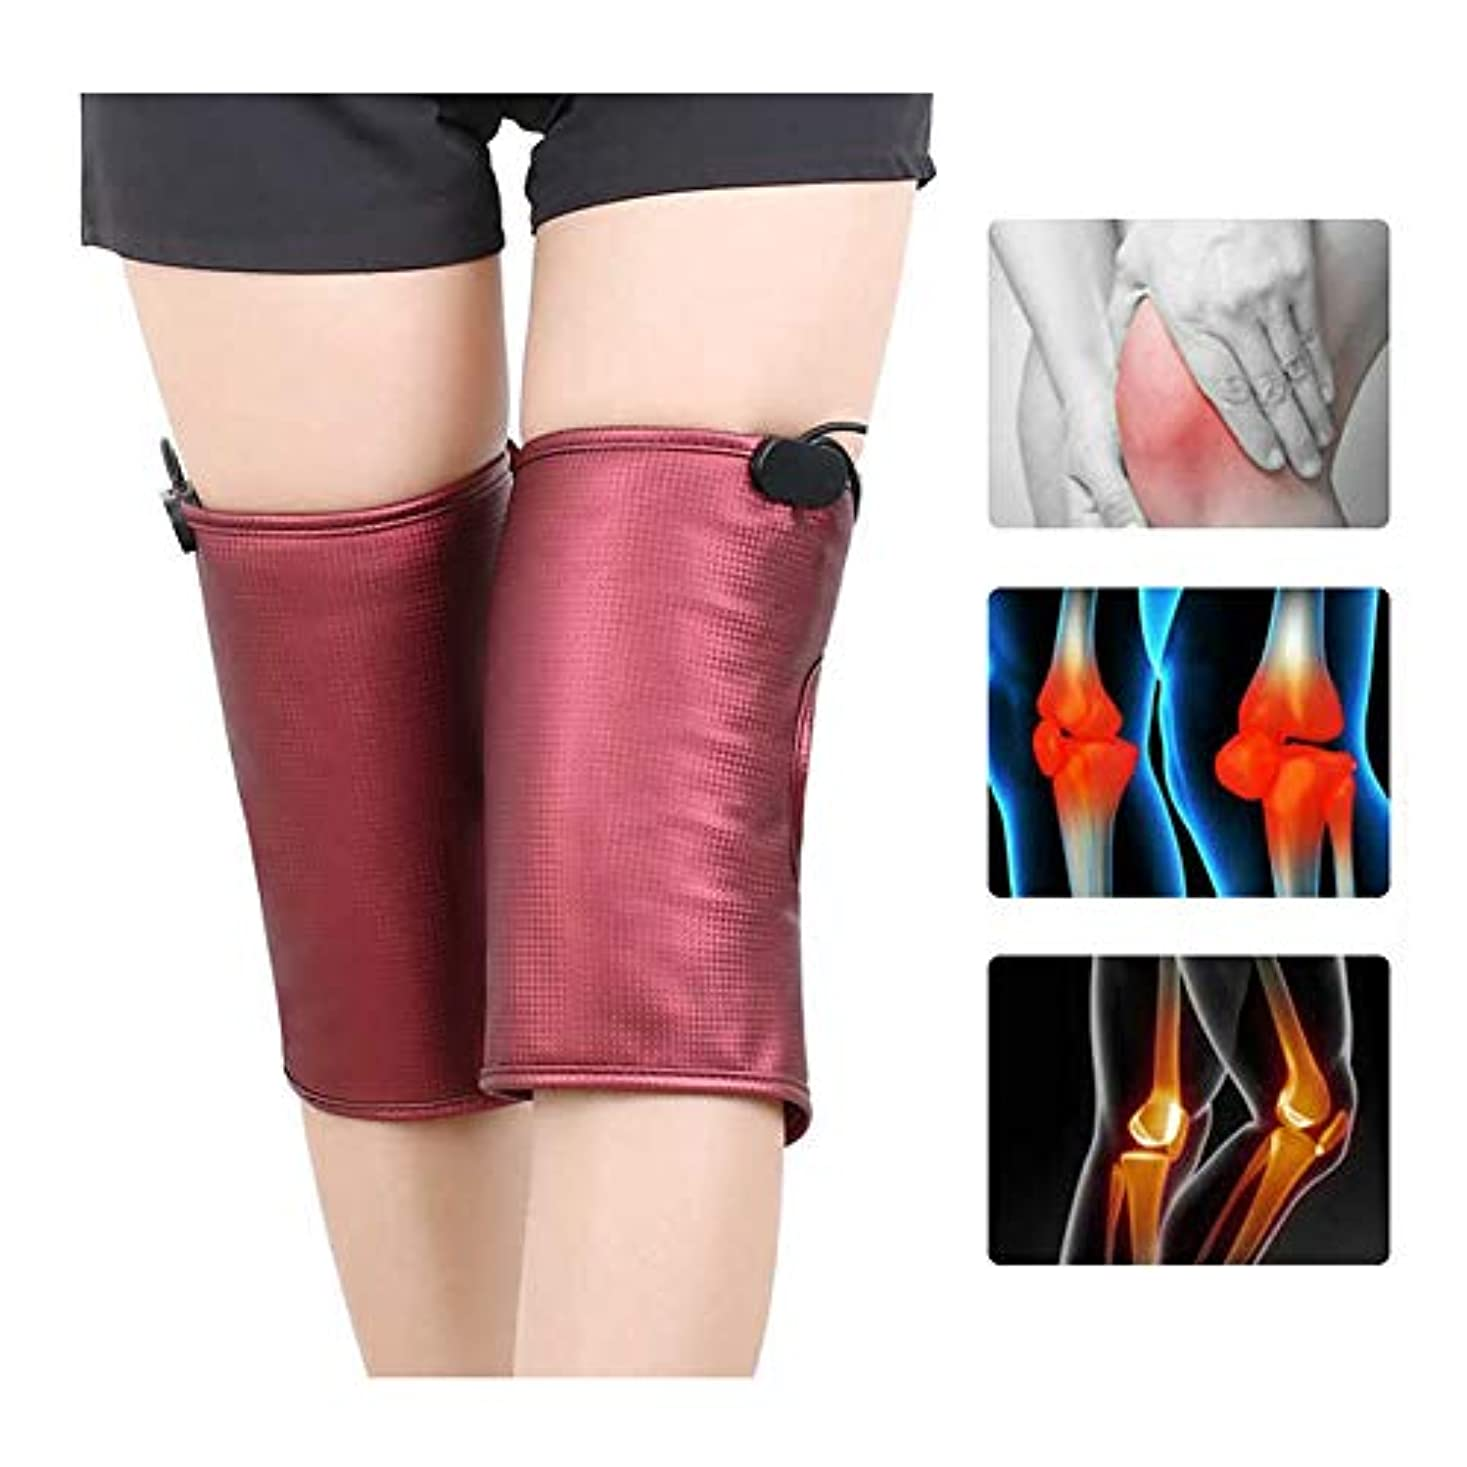 鉄でる喜び関節炎のための加熱された膝装具サポート1対加熱療法Kneepads-赤外線マッサージラップ膝の痛みの軽減